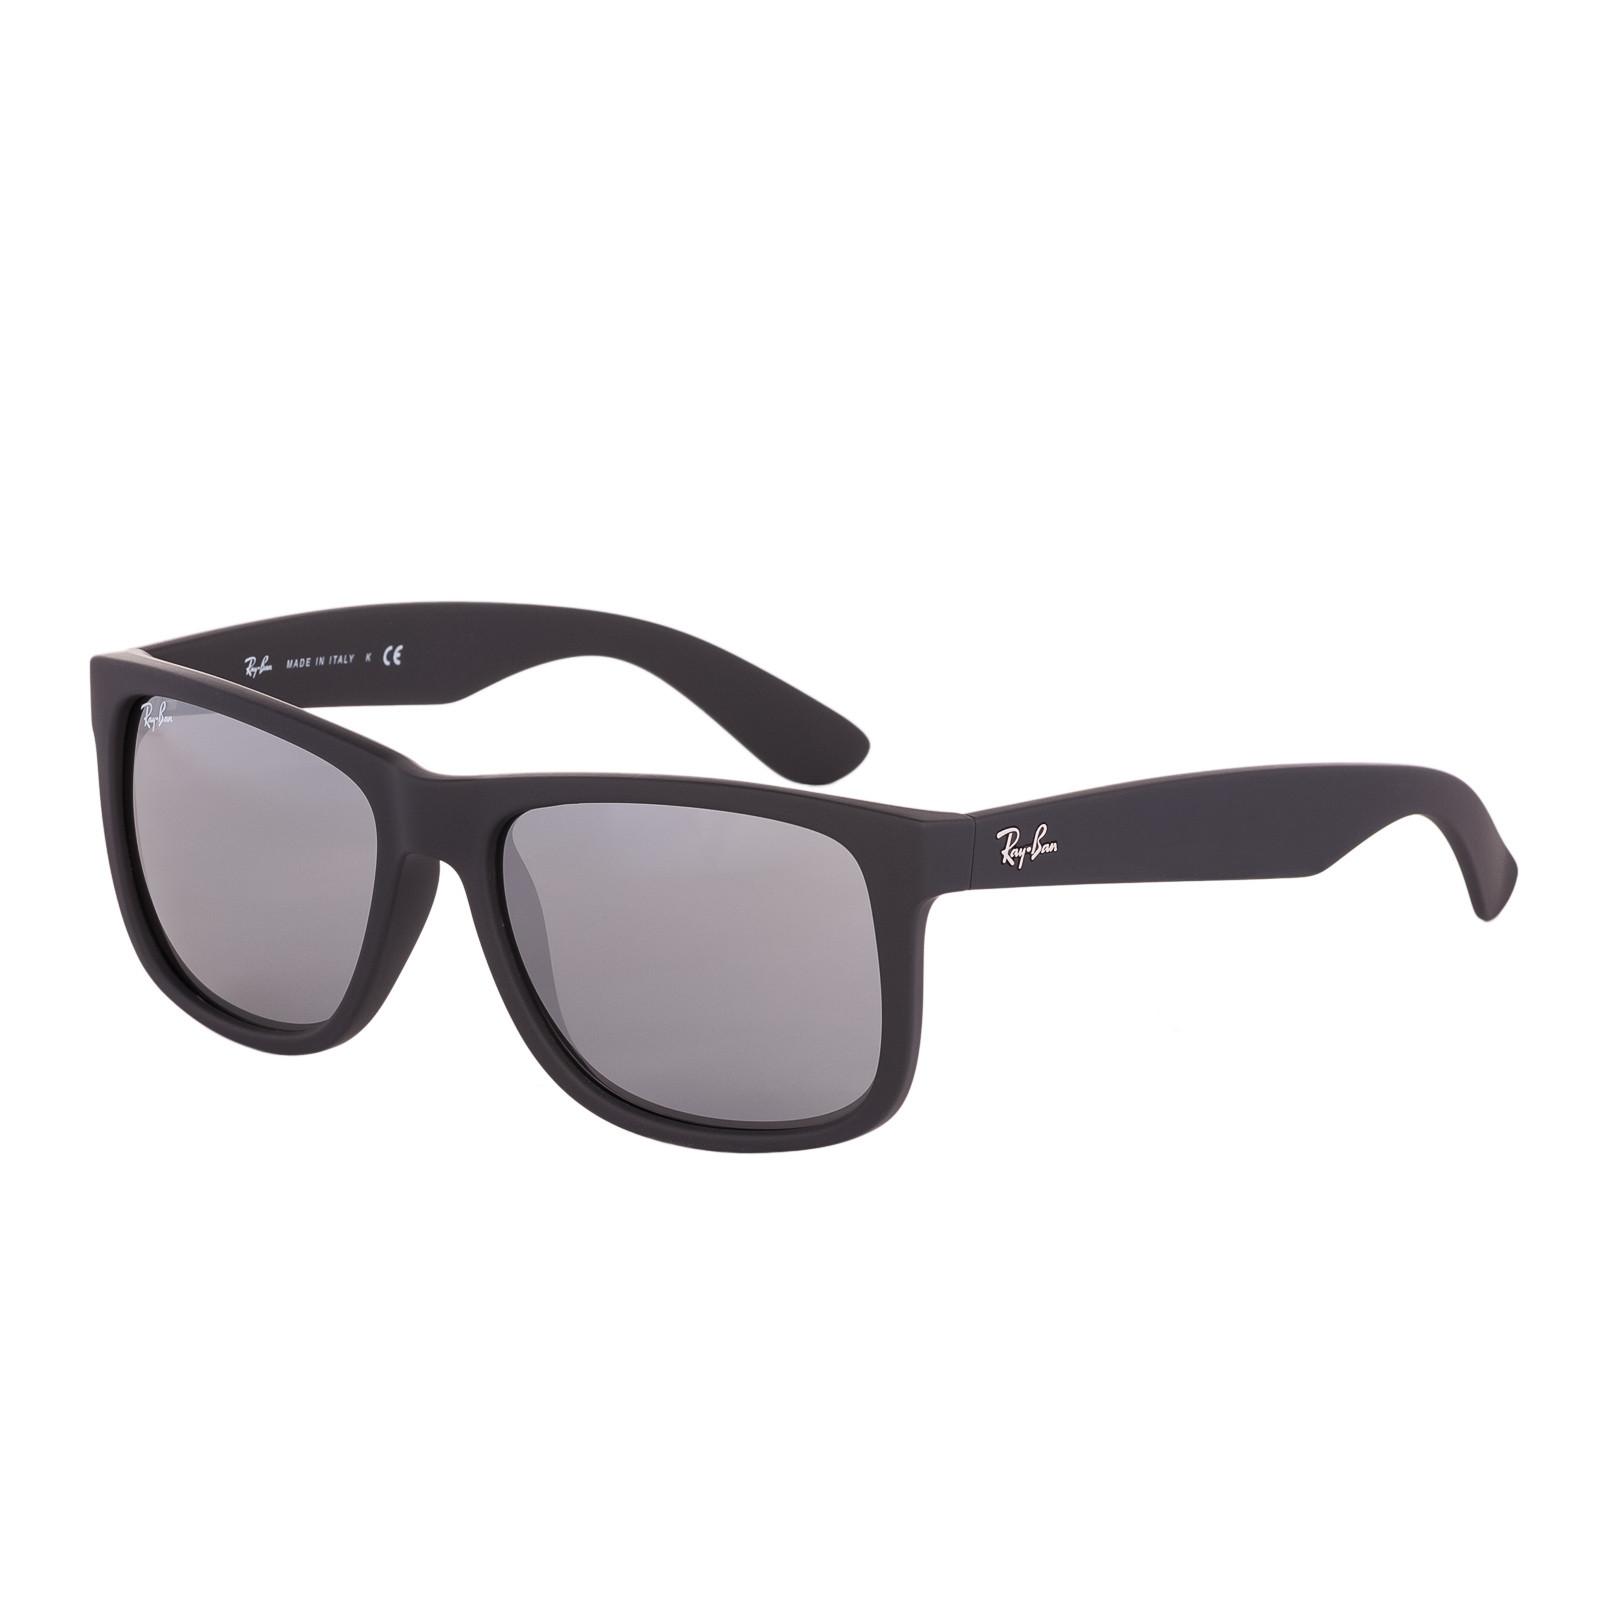 04de5e984 Ray-Ban Justin Rubber Black Sunglasses RB4165 622/6G - Sunglasses